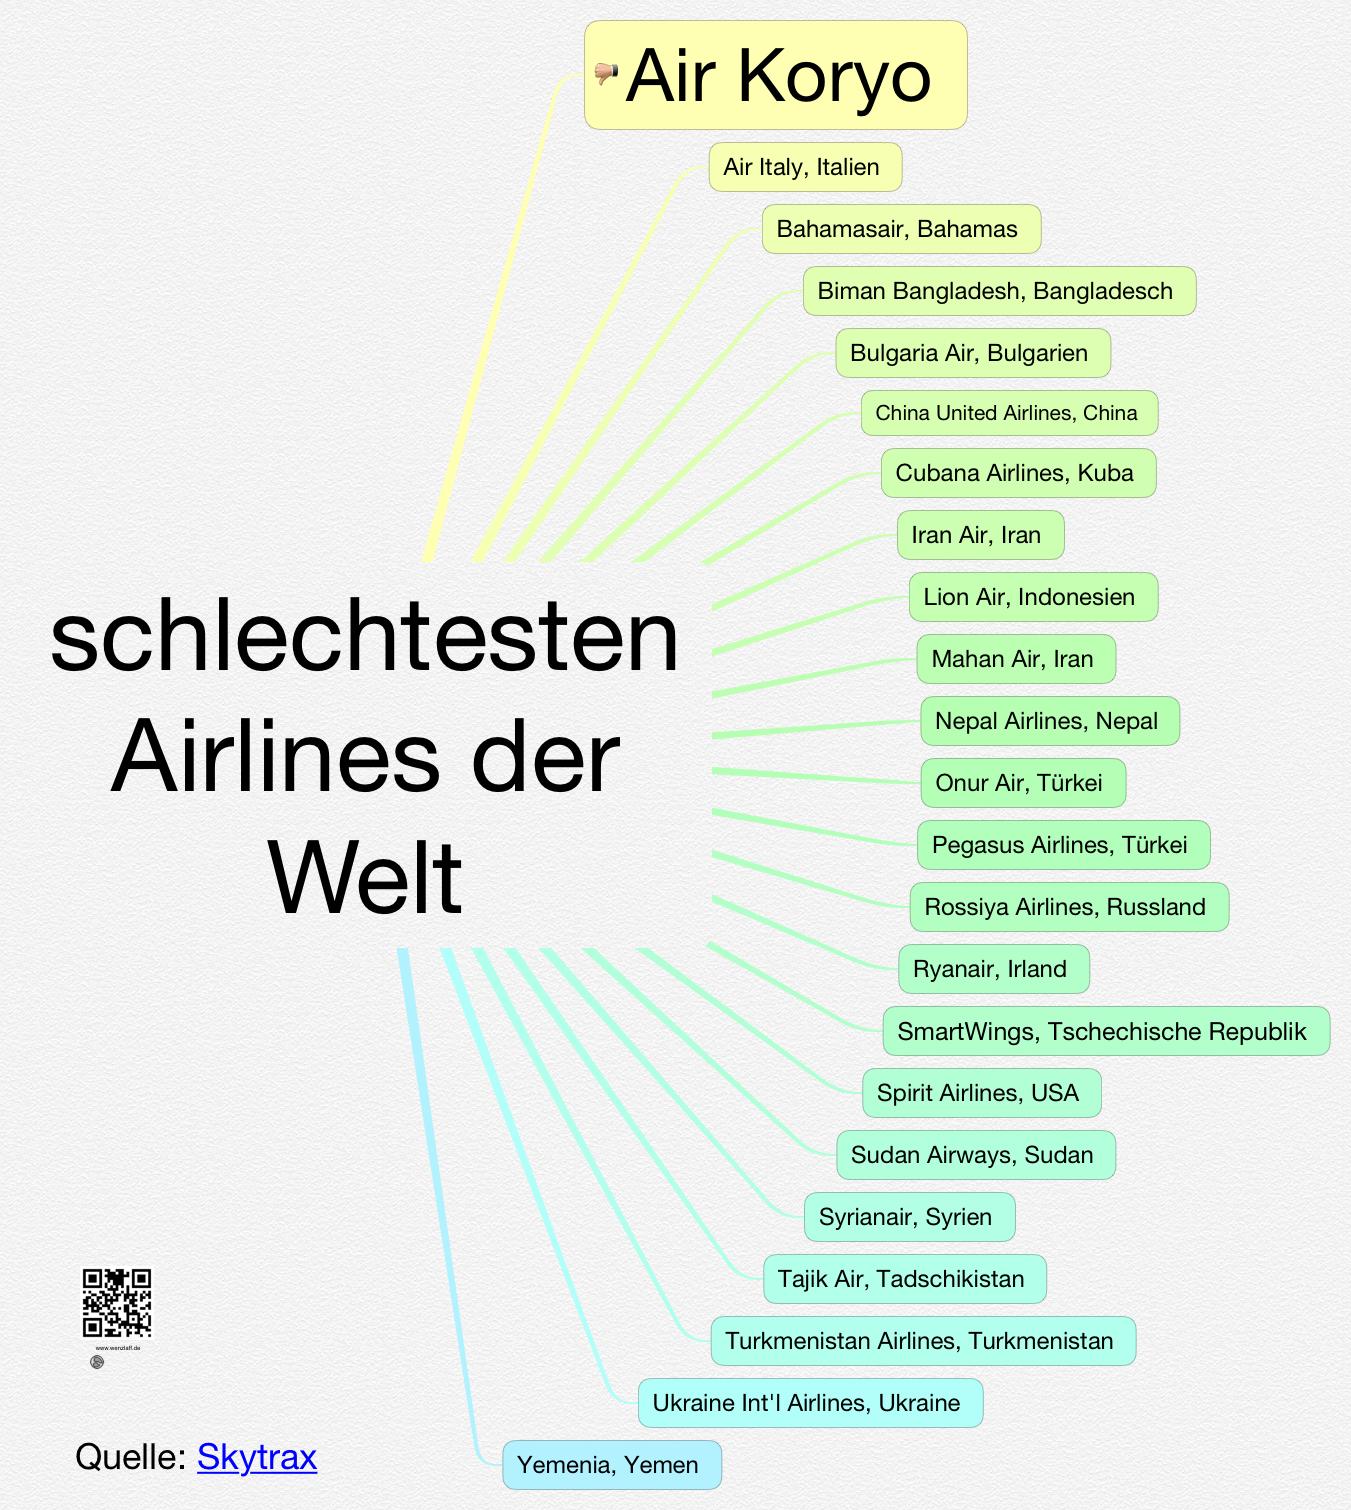 schlechtesten-Airlines-der-Welt